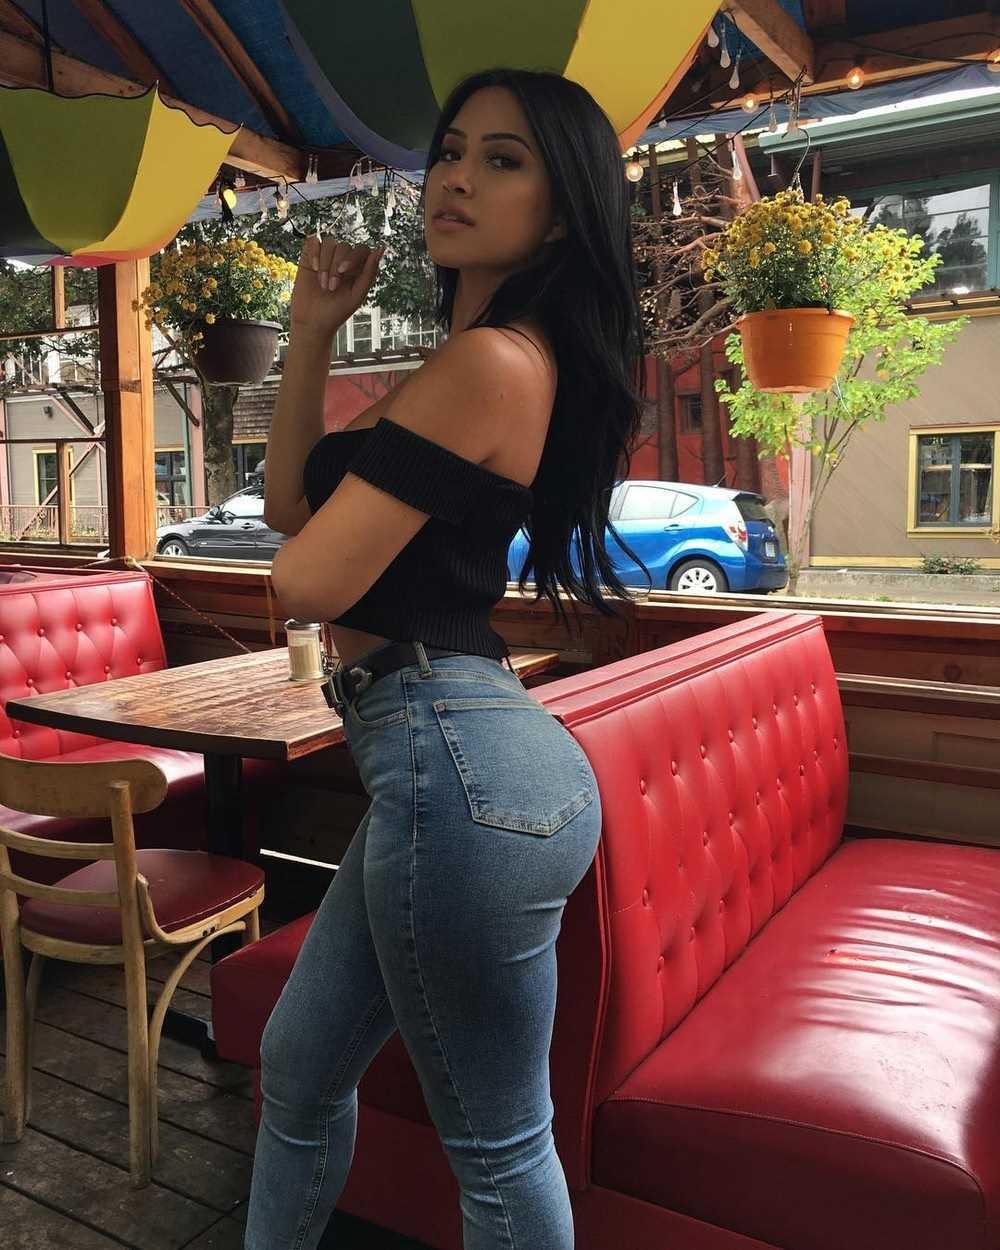 Красивые фото девушек джинсы, картинки 06